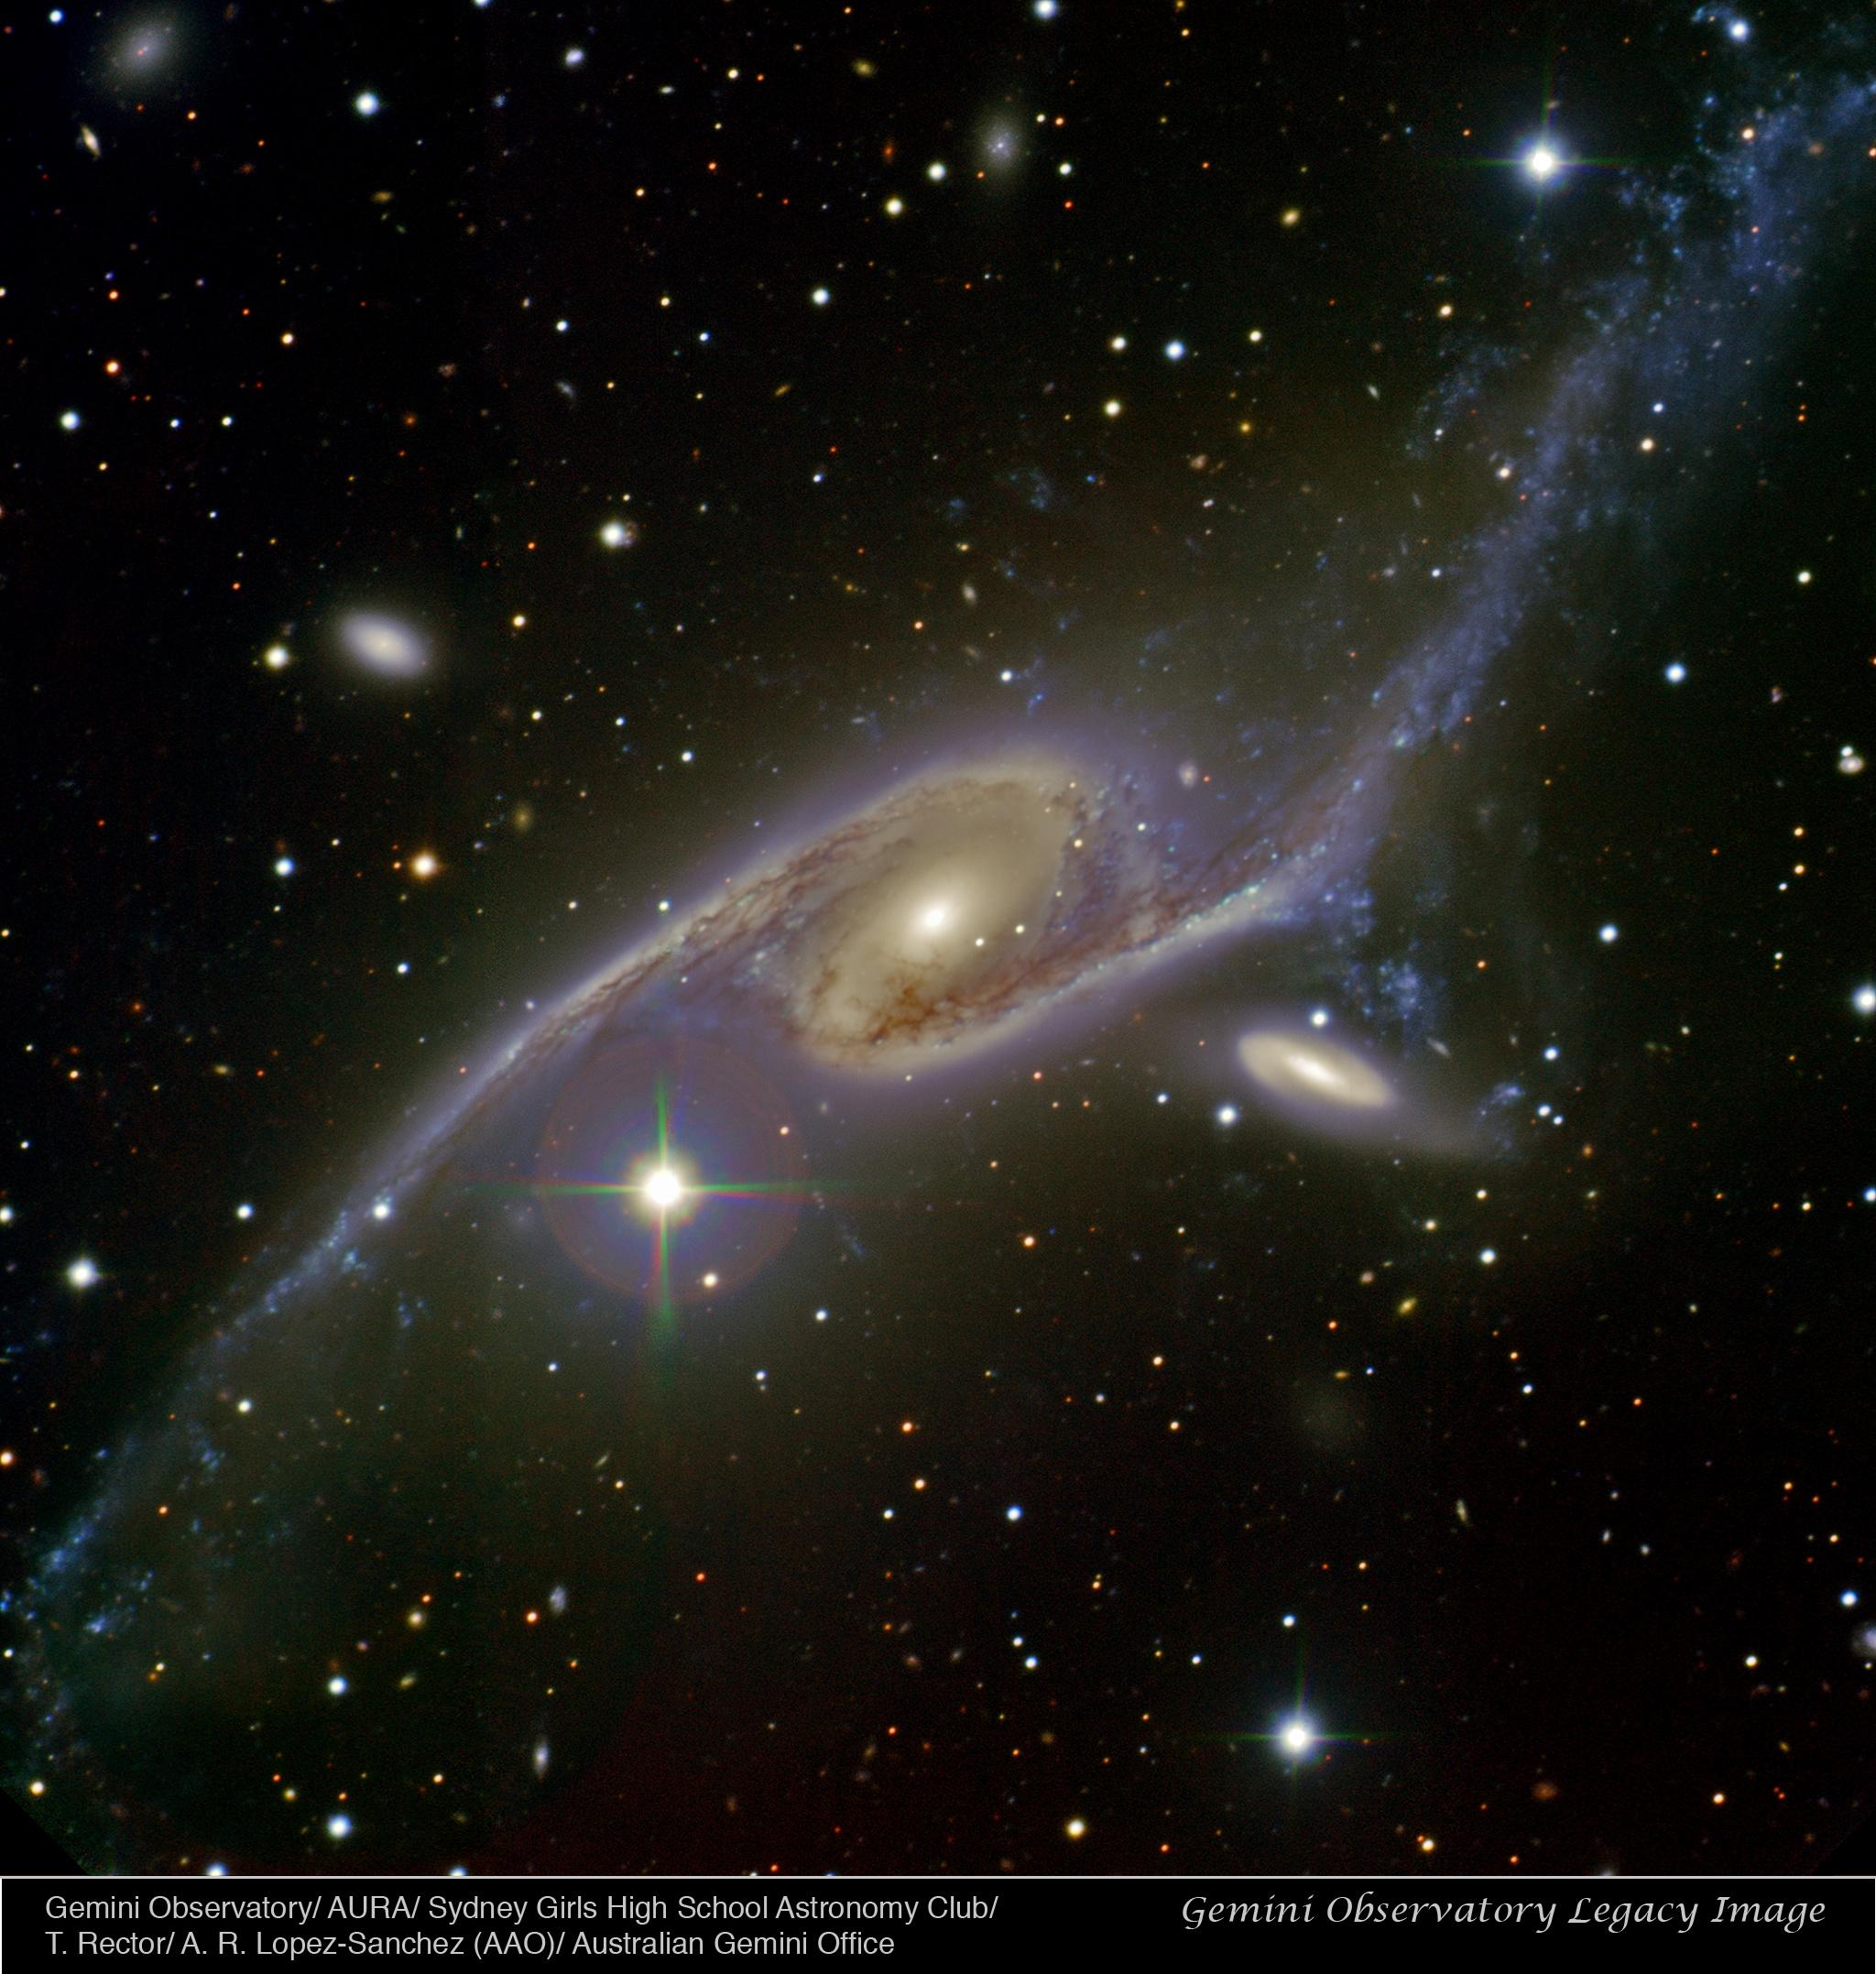 NGC 6872